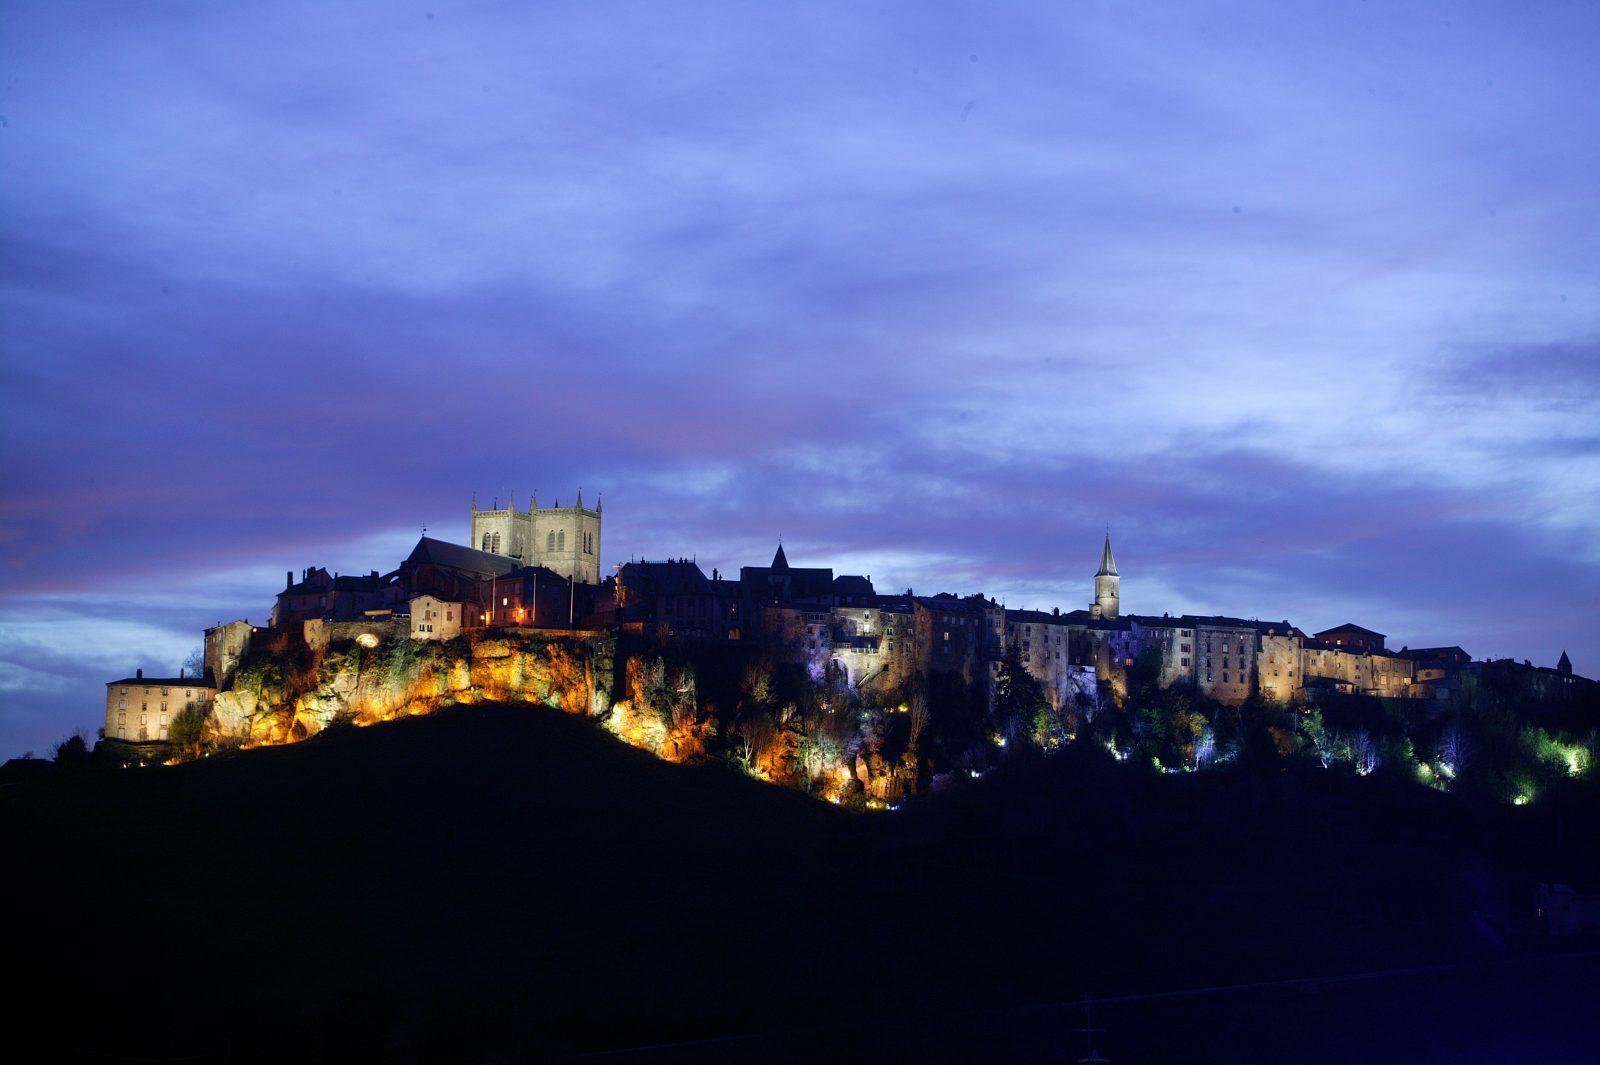 Saint-Flour, une ville d'art et d'histoire-10